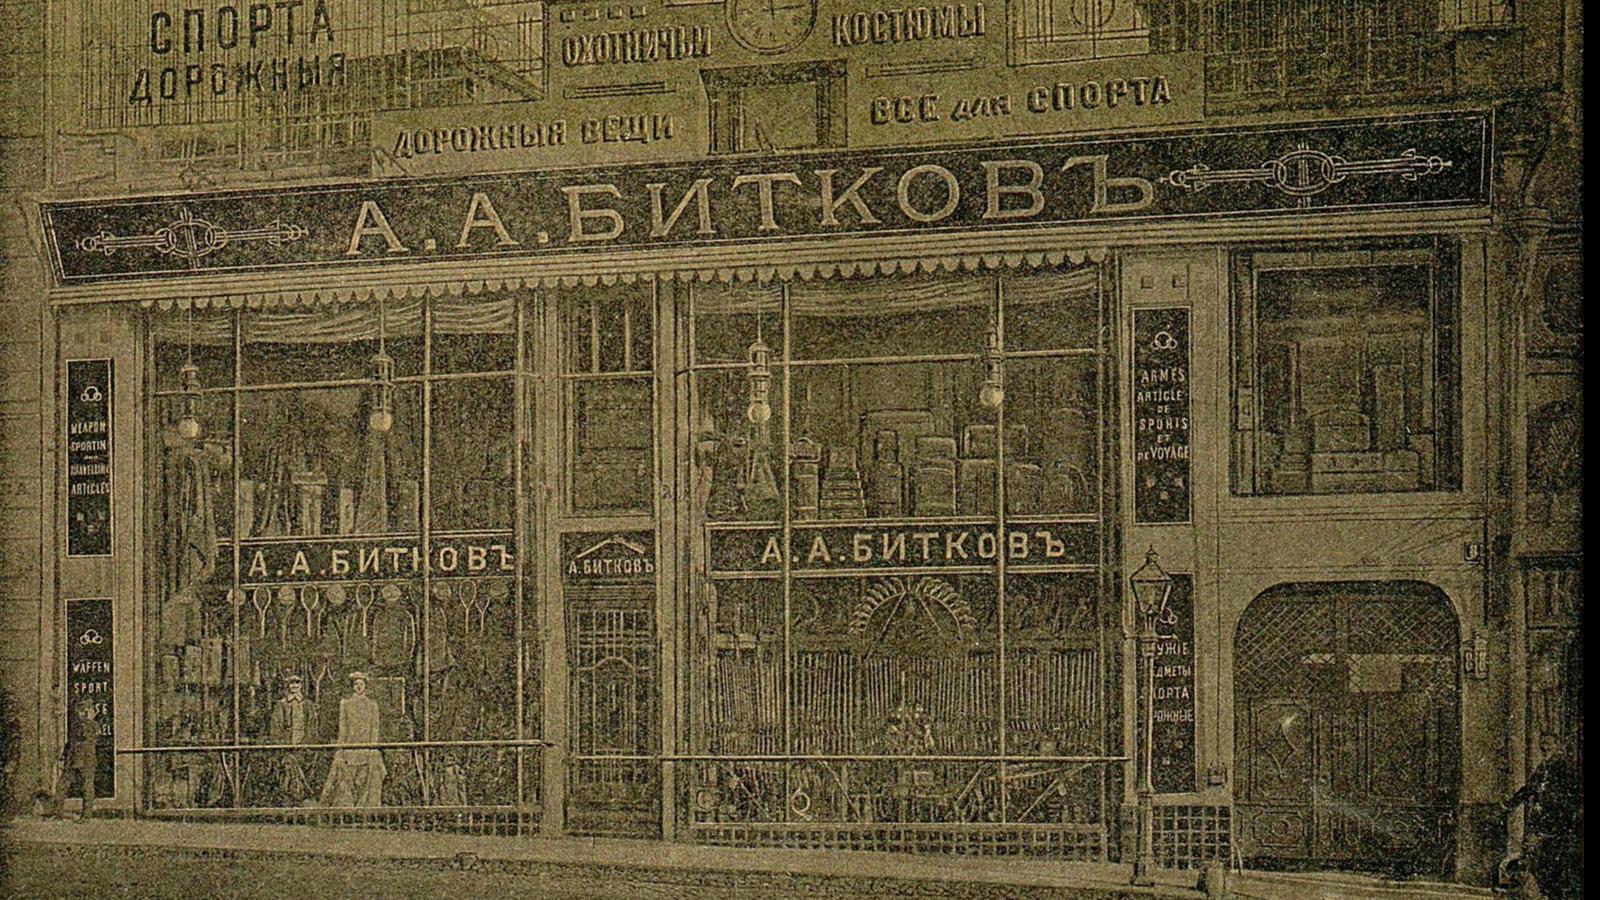 Магазин Биткова на Большой Лубянке. Товары для спорта, путешествия и охоты. 1914